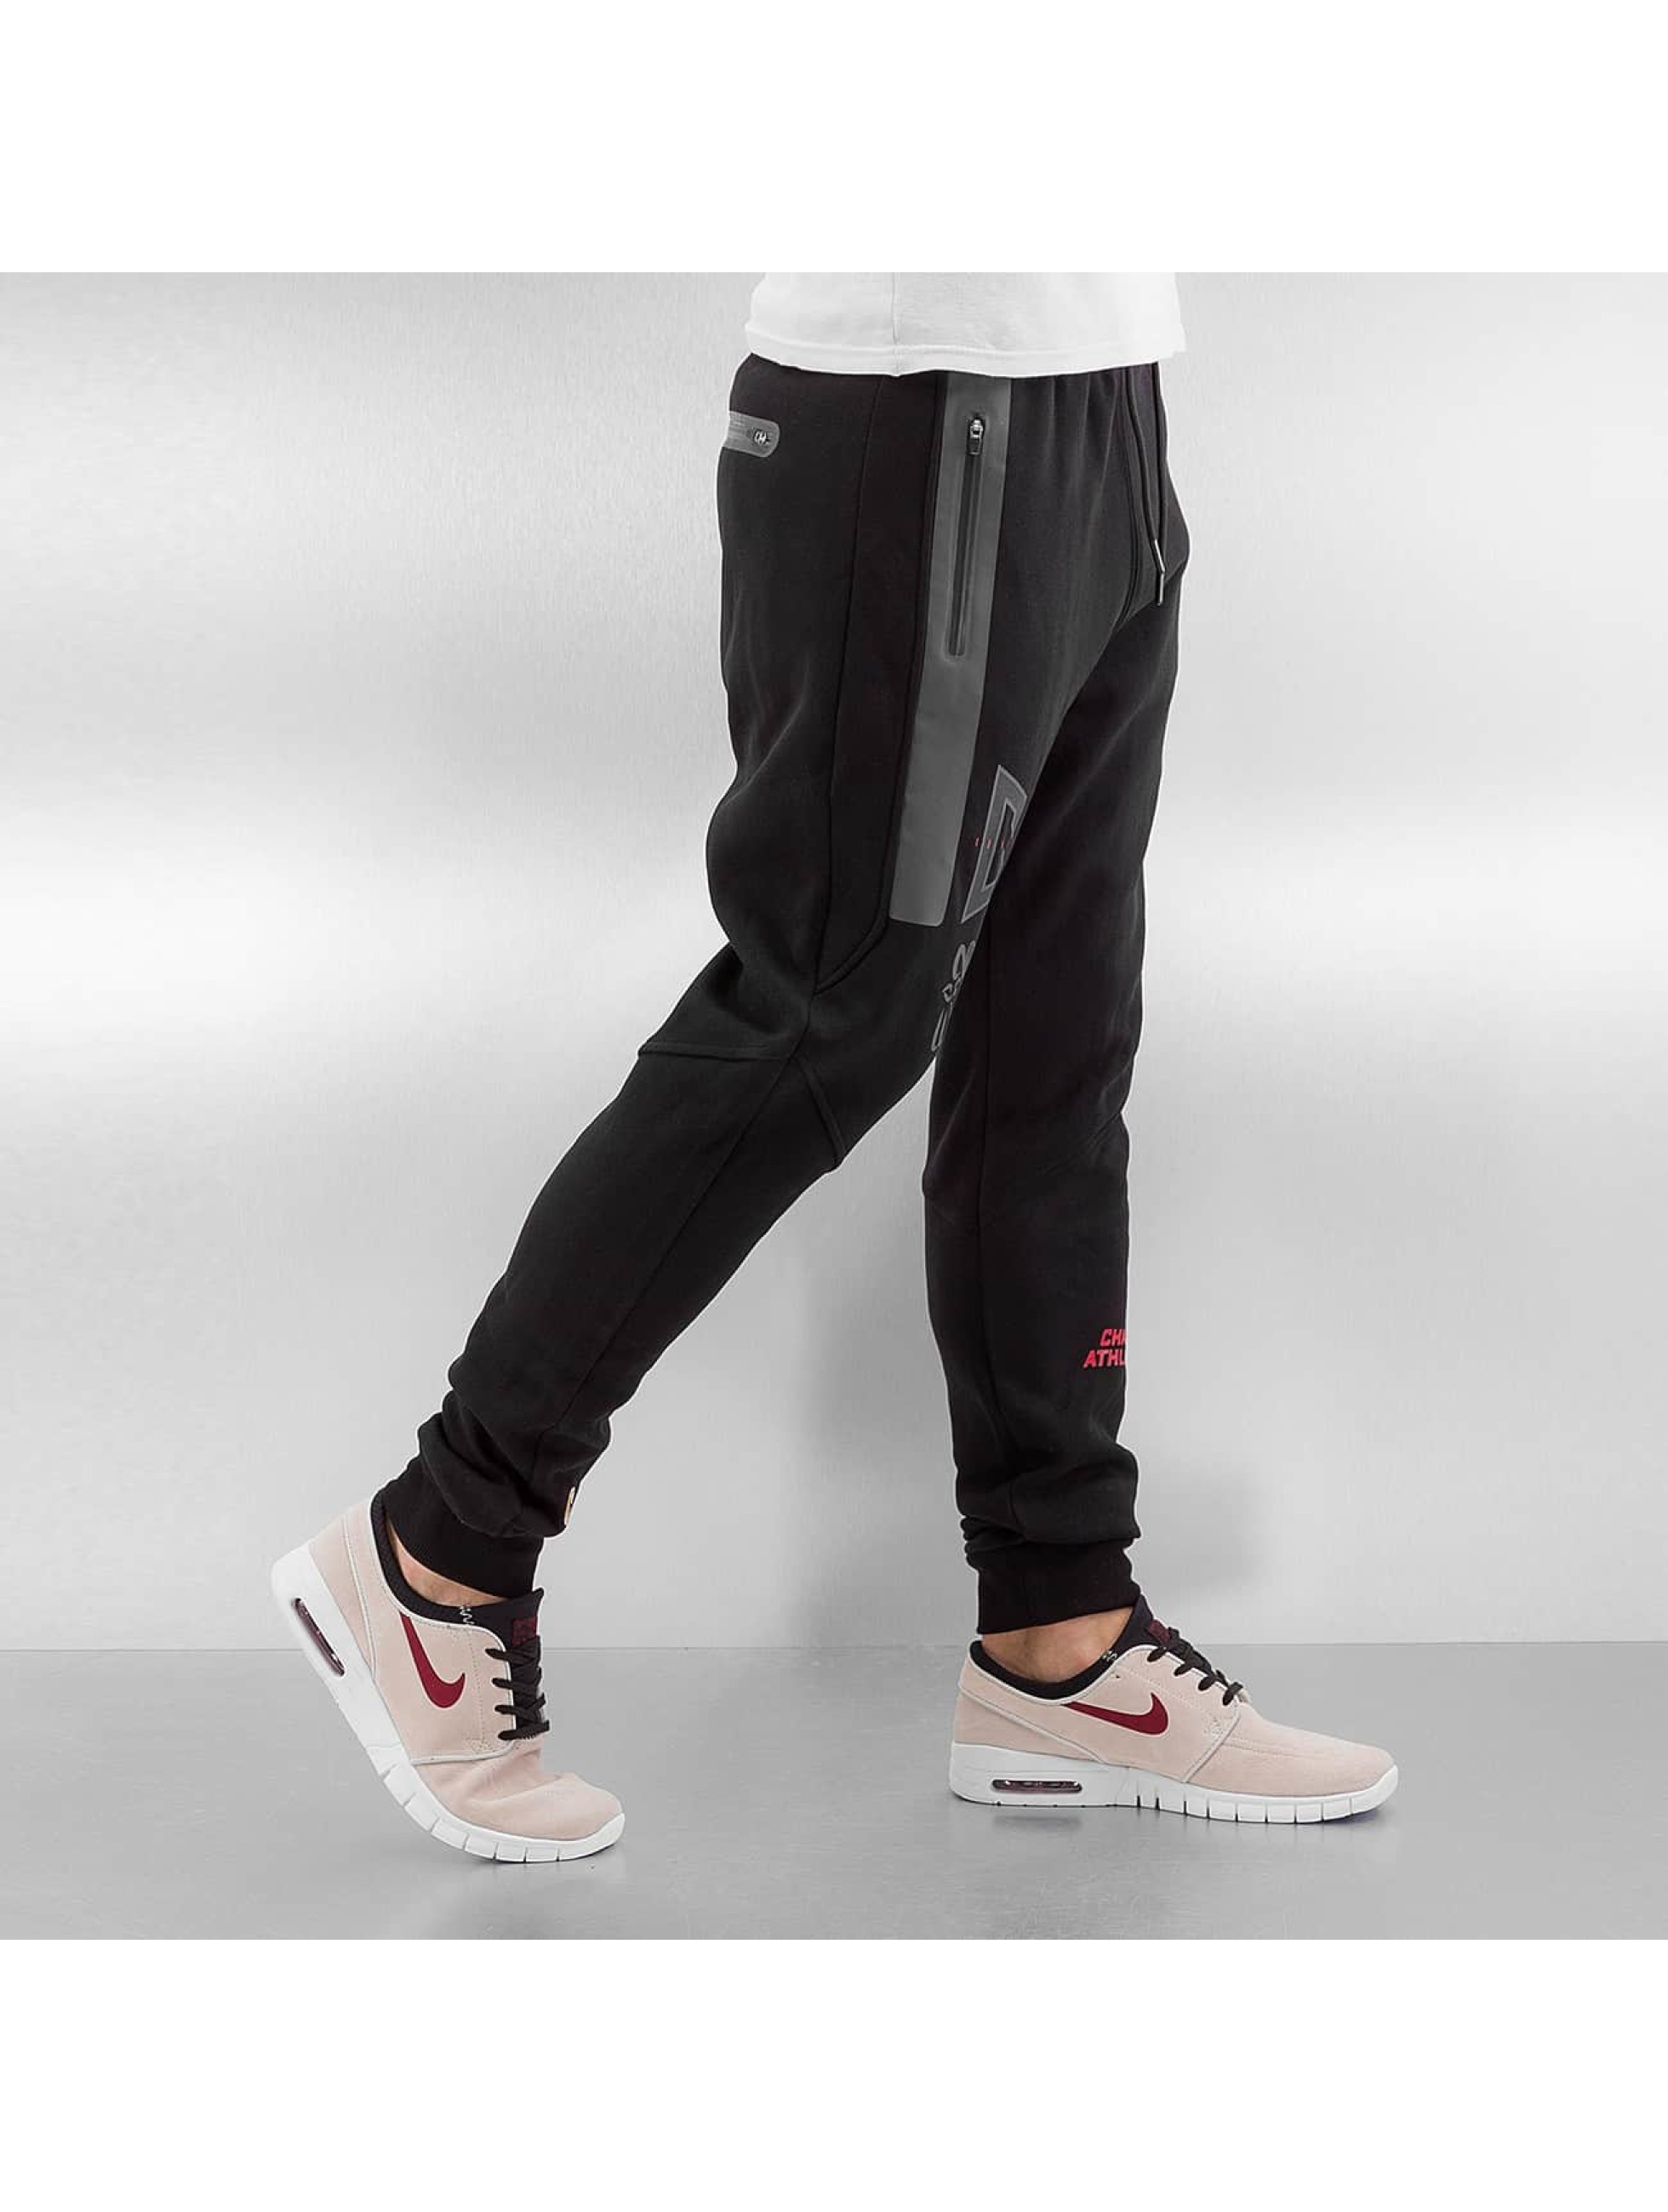 CHABOS IIVII Pantalón deportivo C-IIVII negro